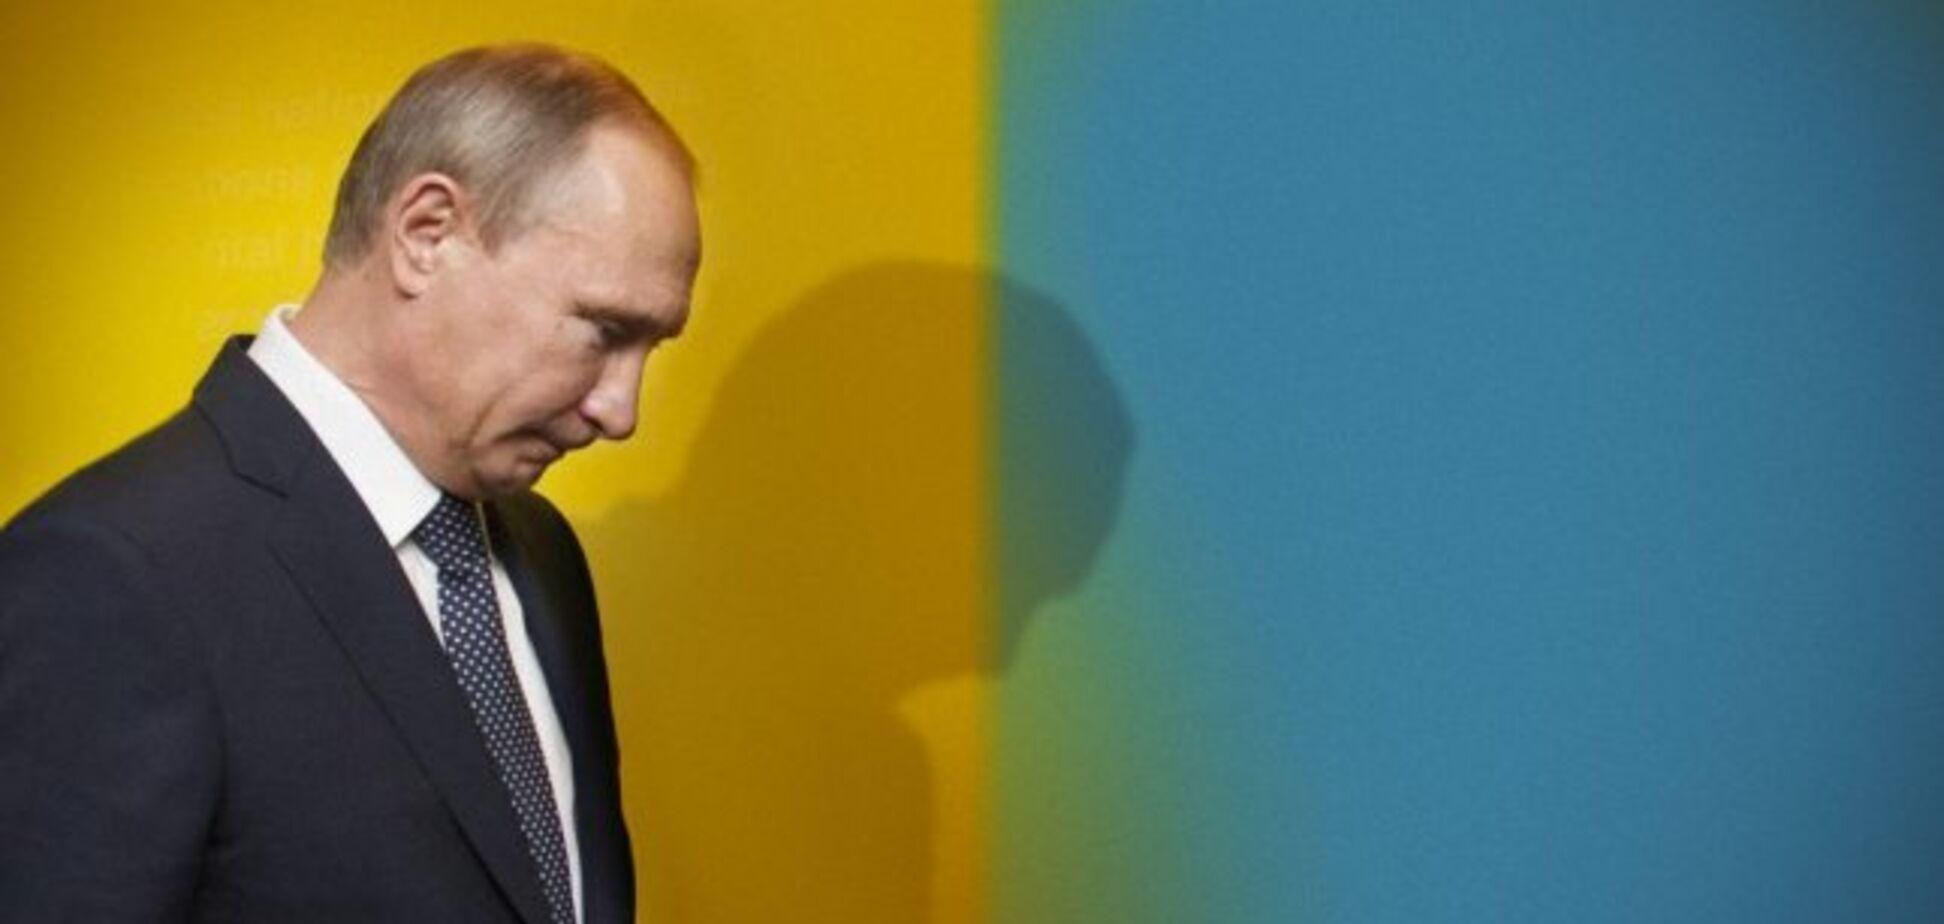 А чего это россияне погрузились в предвыборную лихорадку в нашей стране?